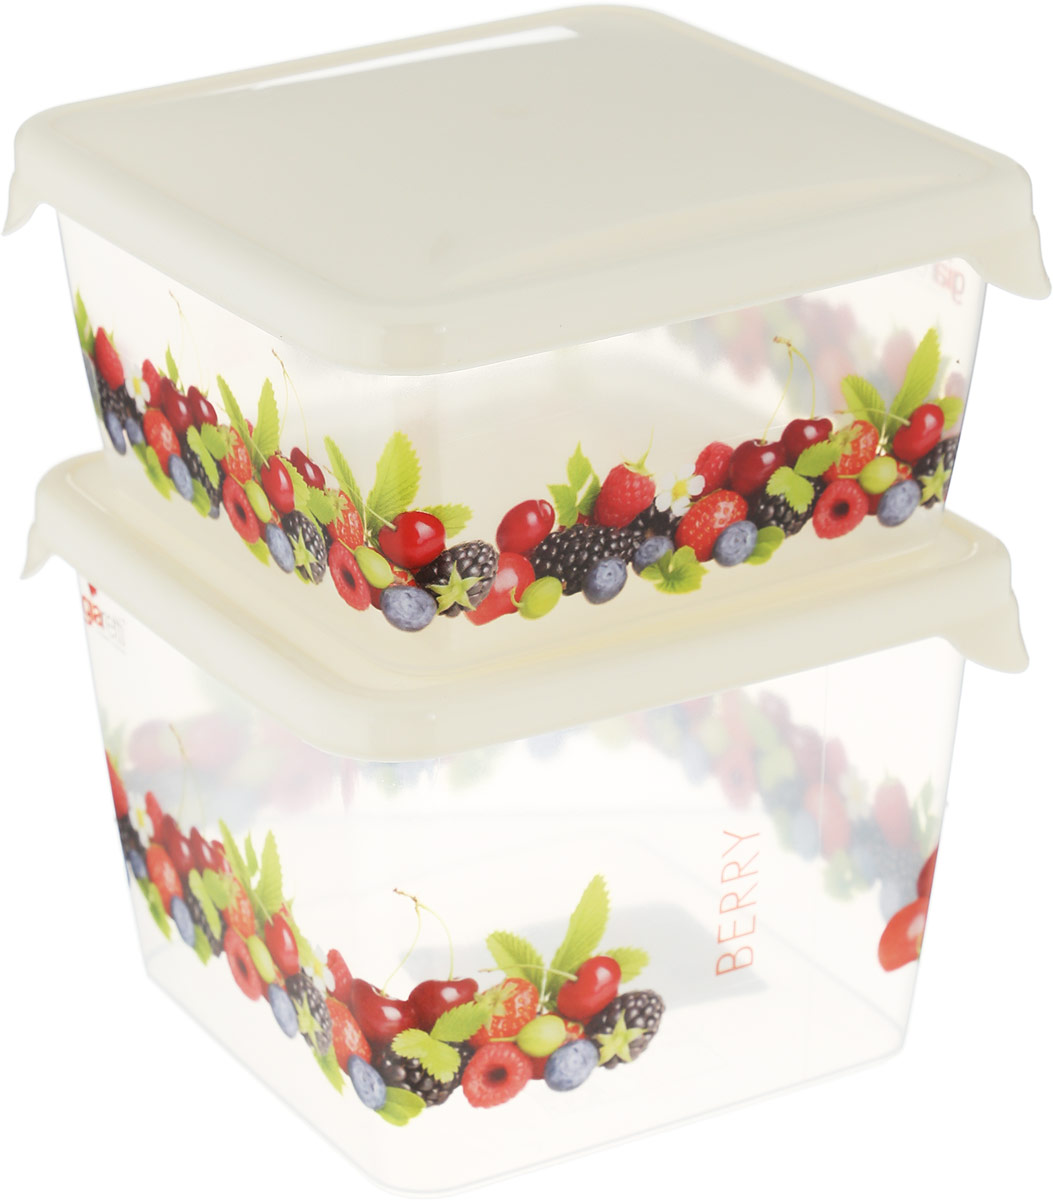 Комплект емкостей для продуктов Giaretti Браво, 2 предметаGR1071МИКСКомплект емкостей для продуктов Giaretti Браво - яркие, декорированные емкости для хранения и переноски продуктов. В них удобнозамораживать ягоды, овощи, фрукты небольшими порциями, хранить специи, сладости, чай и другие продукты.